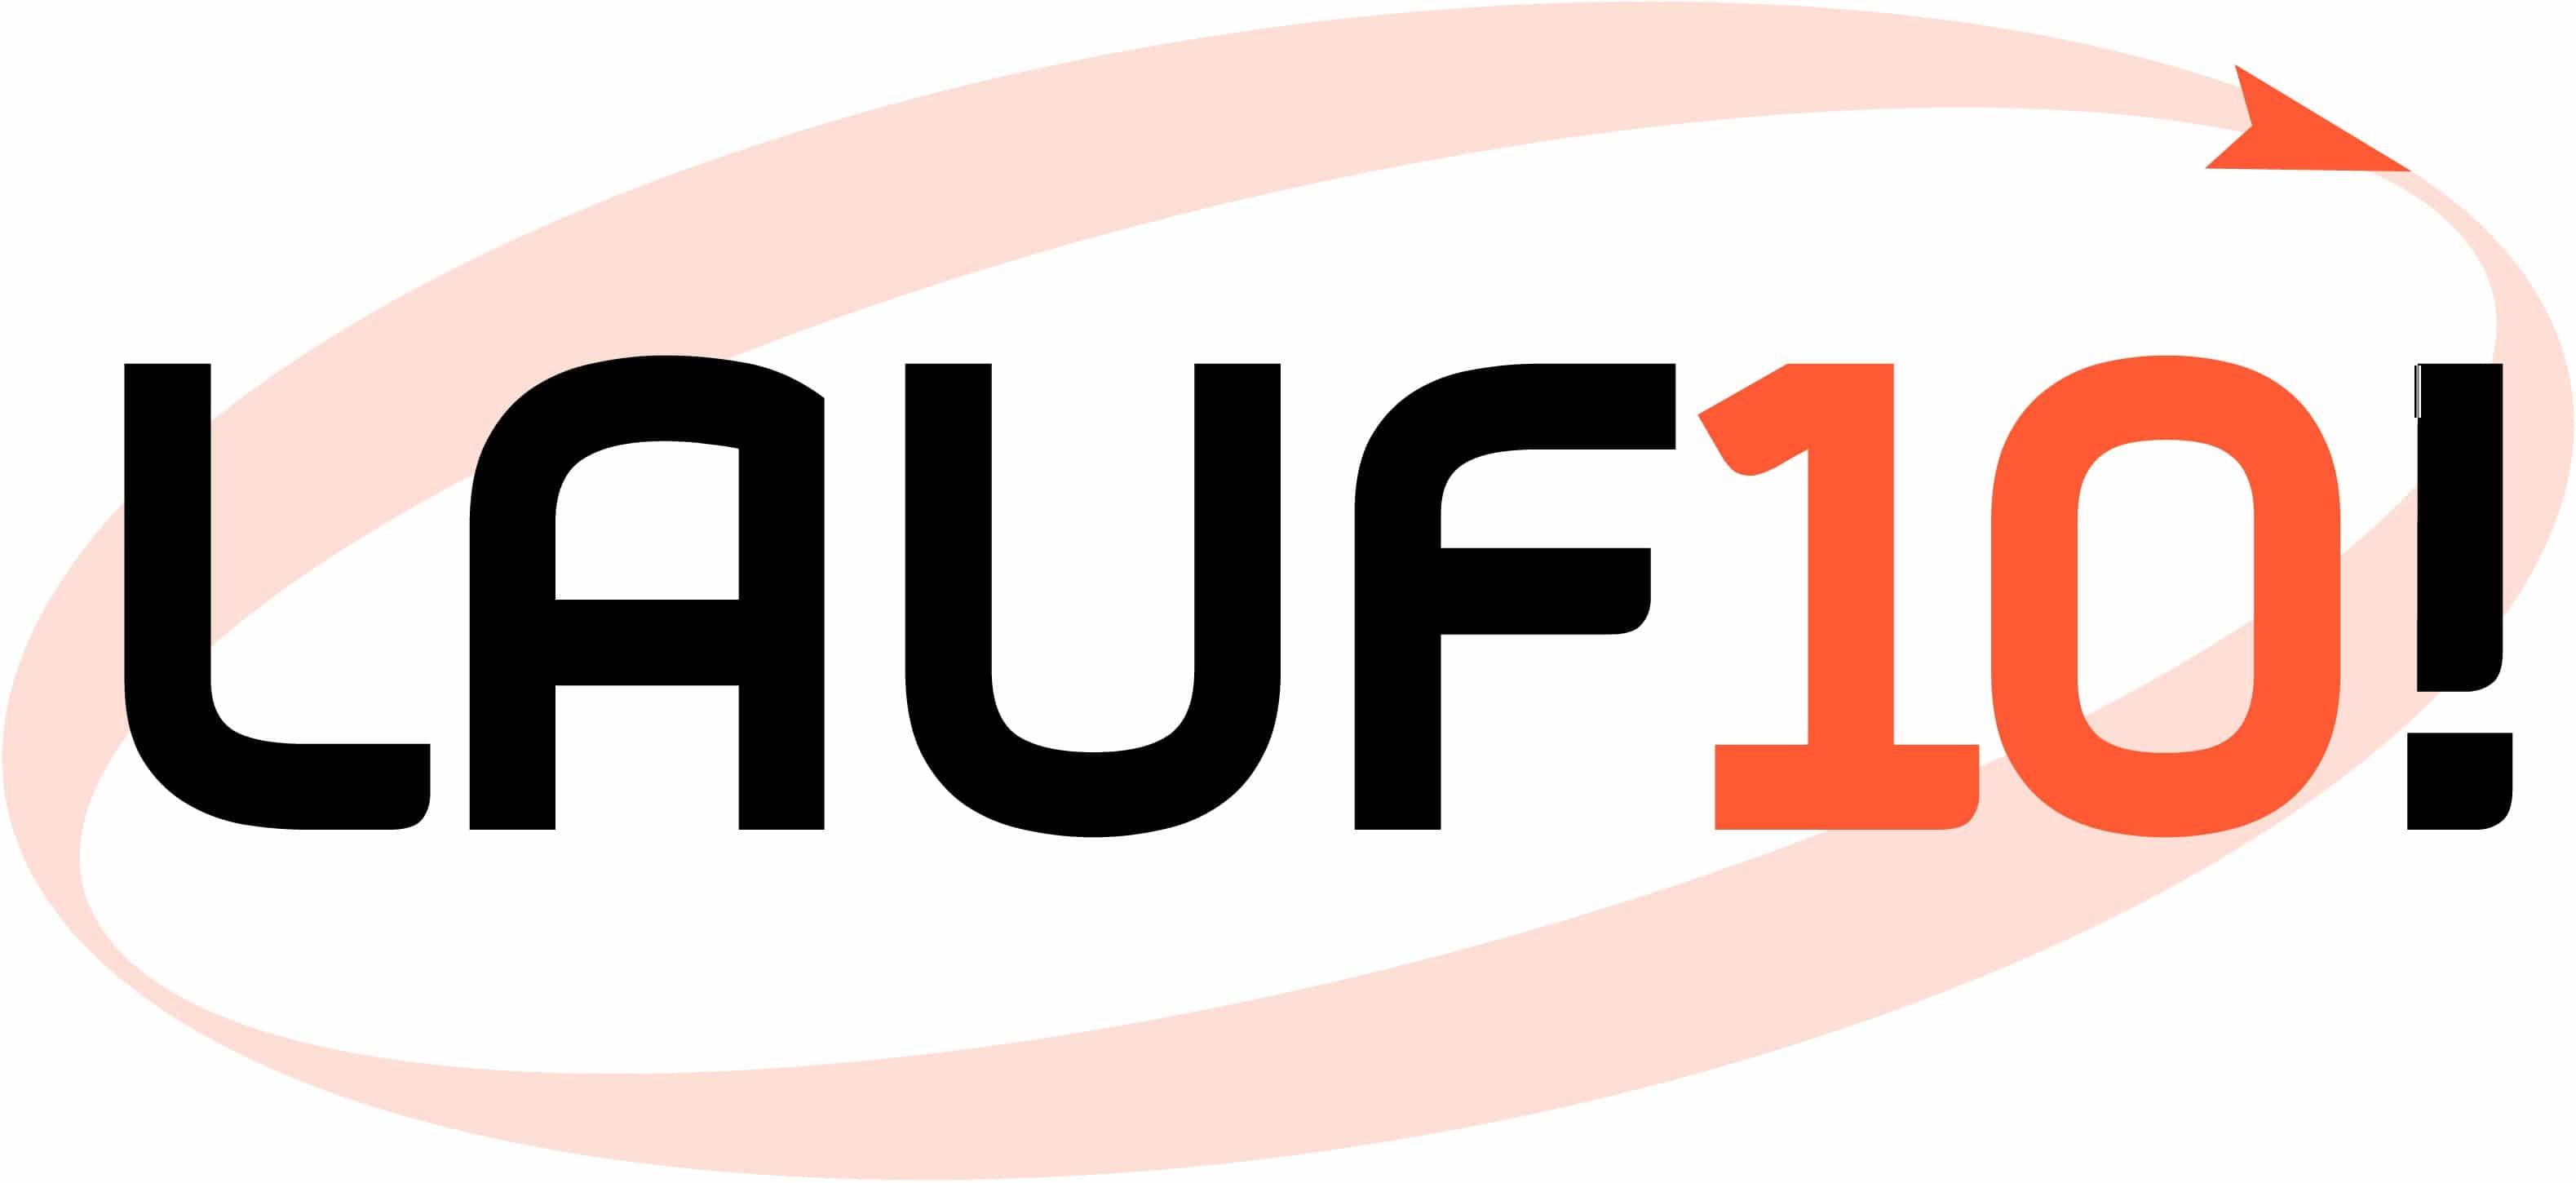 """Aktion """"Lauf10!"""" in Kooperation mit dem Bayrischen Rundfunk 2018"""